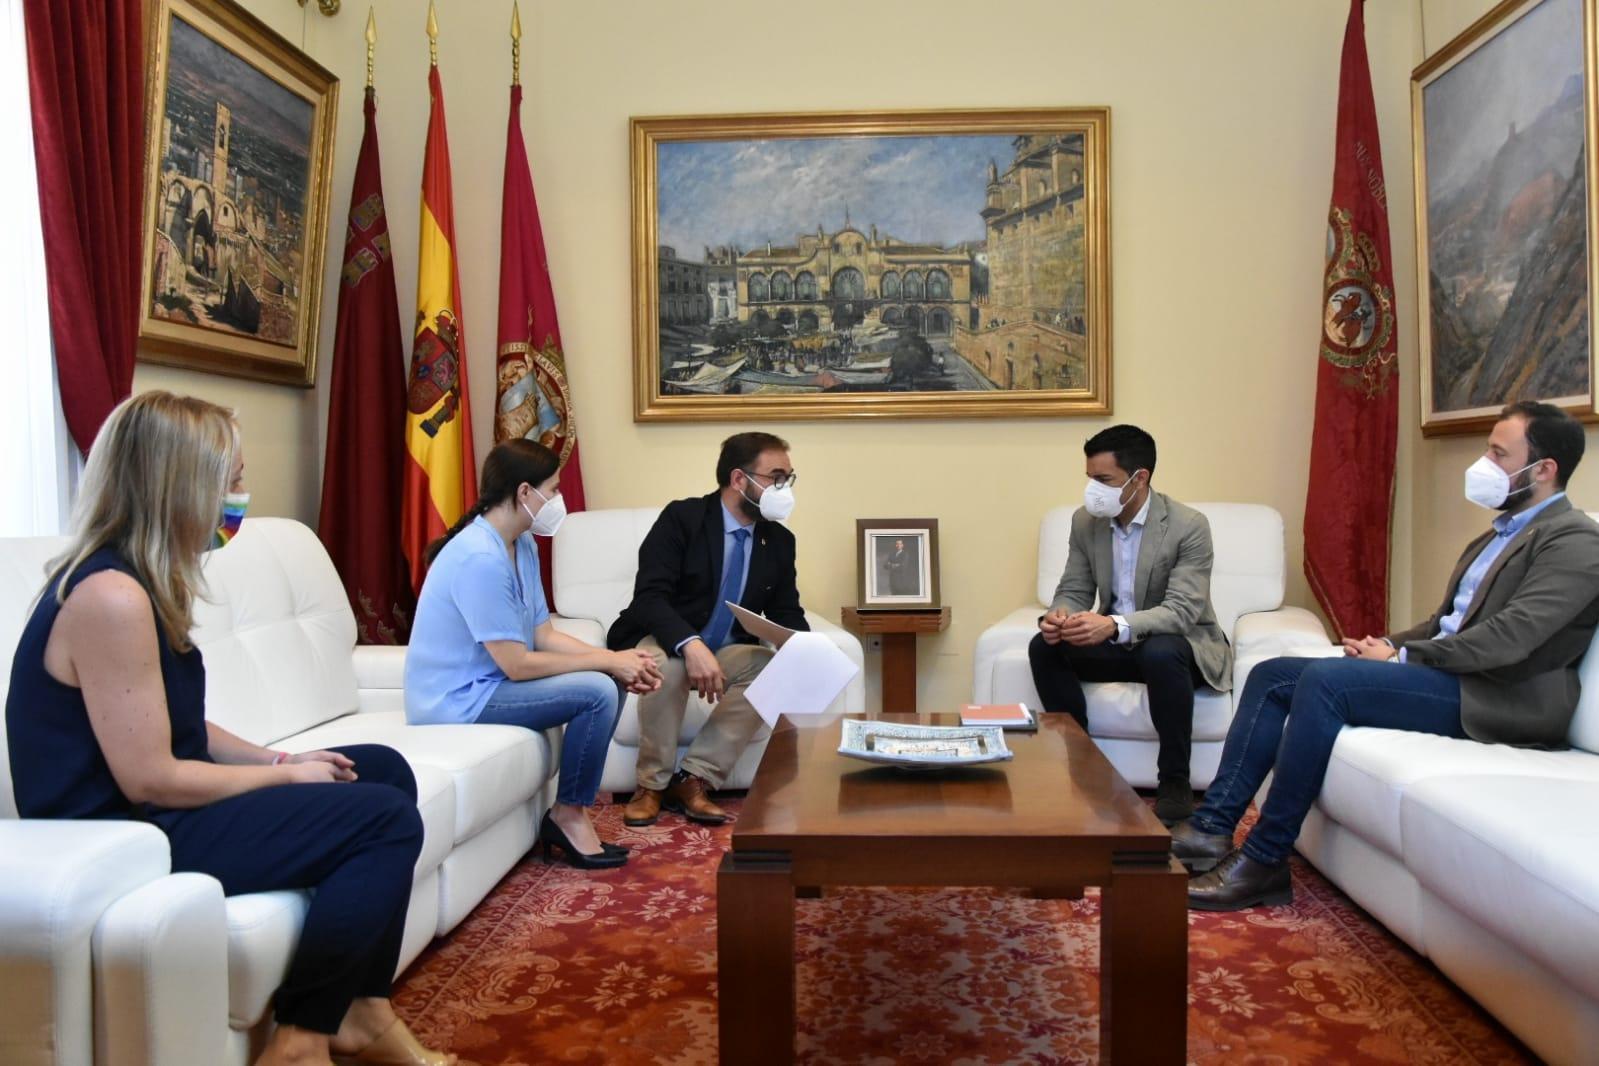 El Alcalde de Lorca mantiene una reunión de trabajo con el eurodiputado Marcos Ros para darle a conocer las líneas básicas de trabajo del municipio de cara a los fondos europeos